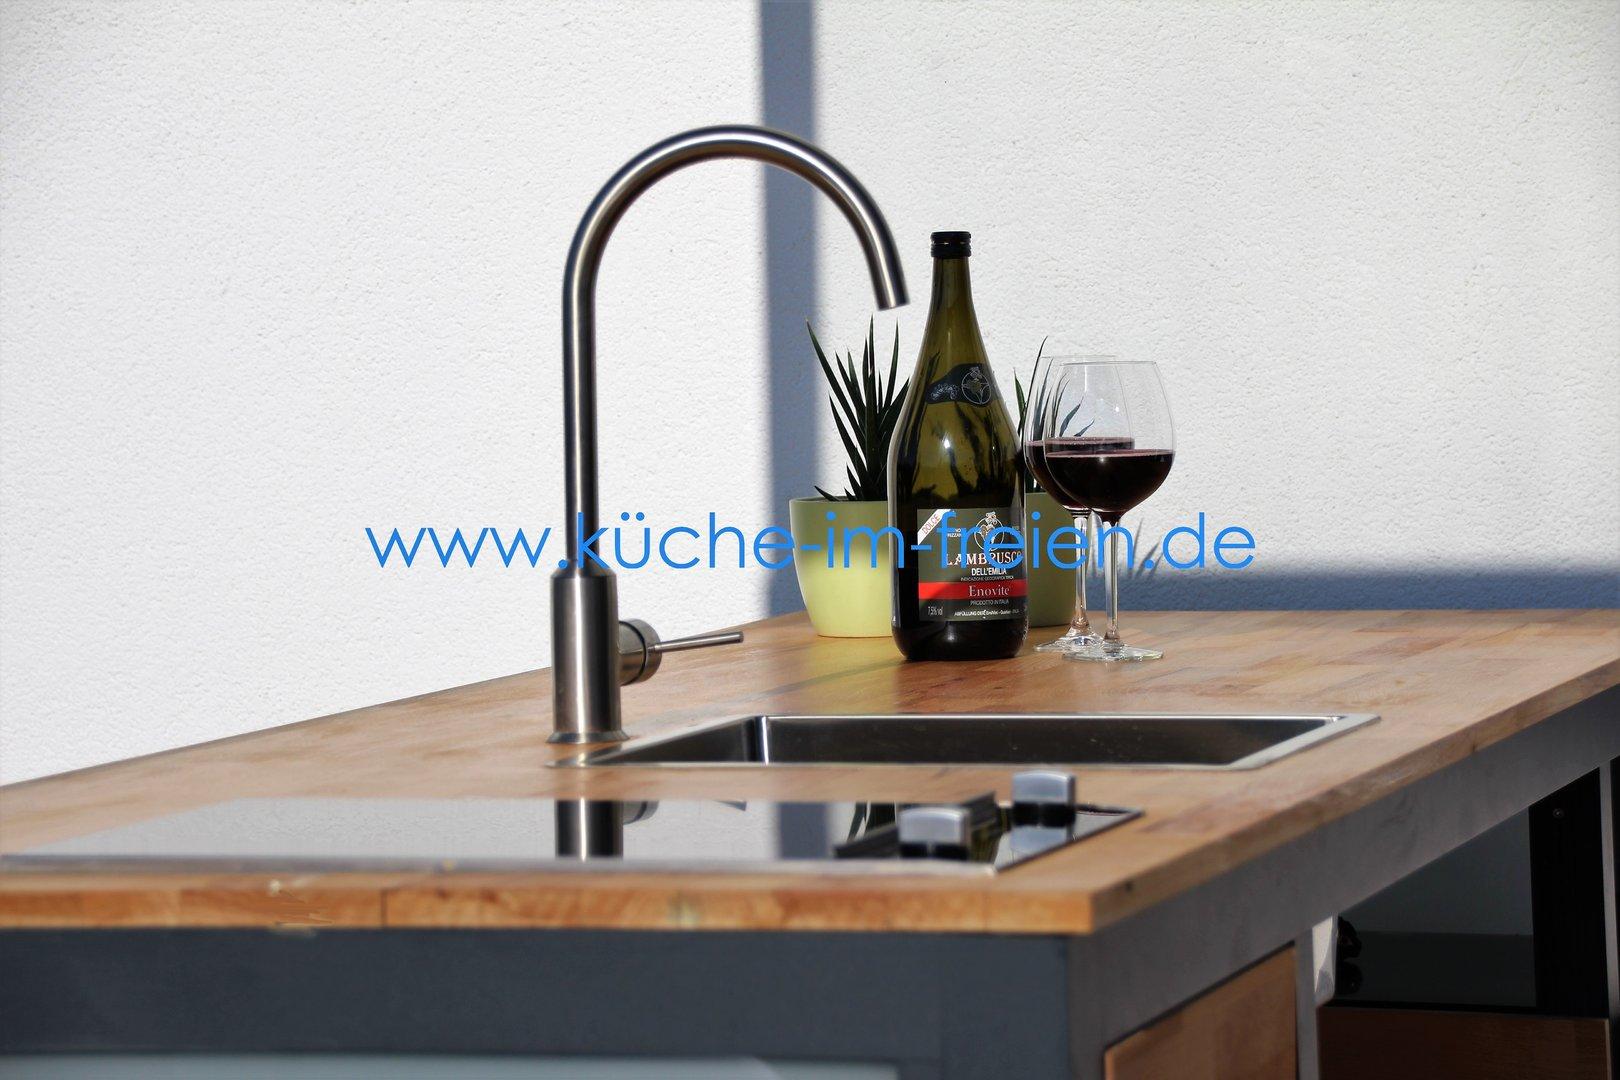 Outdoor Küche Holzherd : Einfache outdoor küche designs küche organisation bezahlt werden